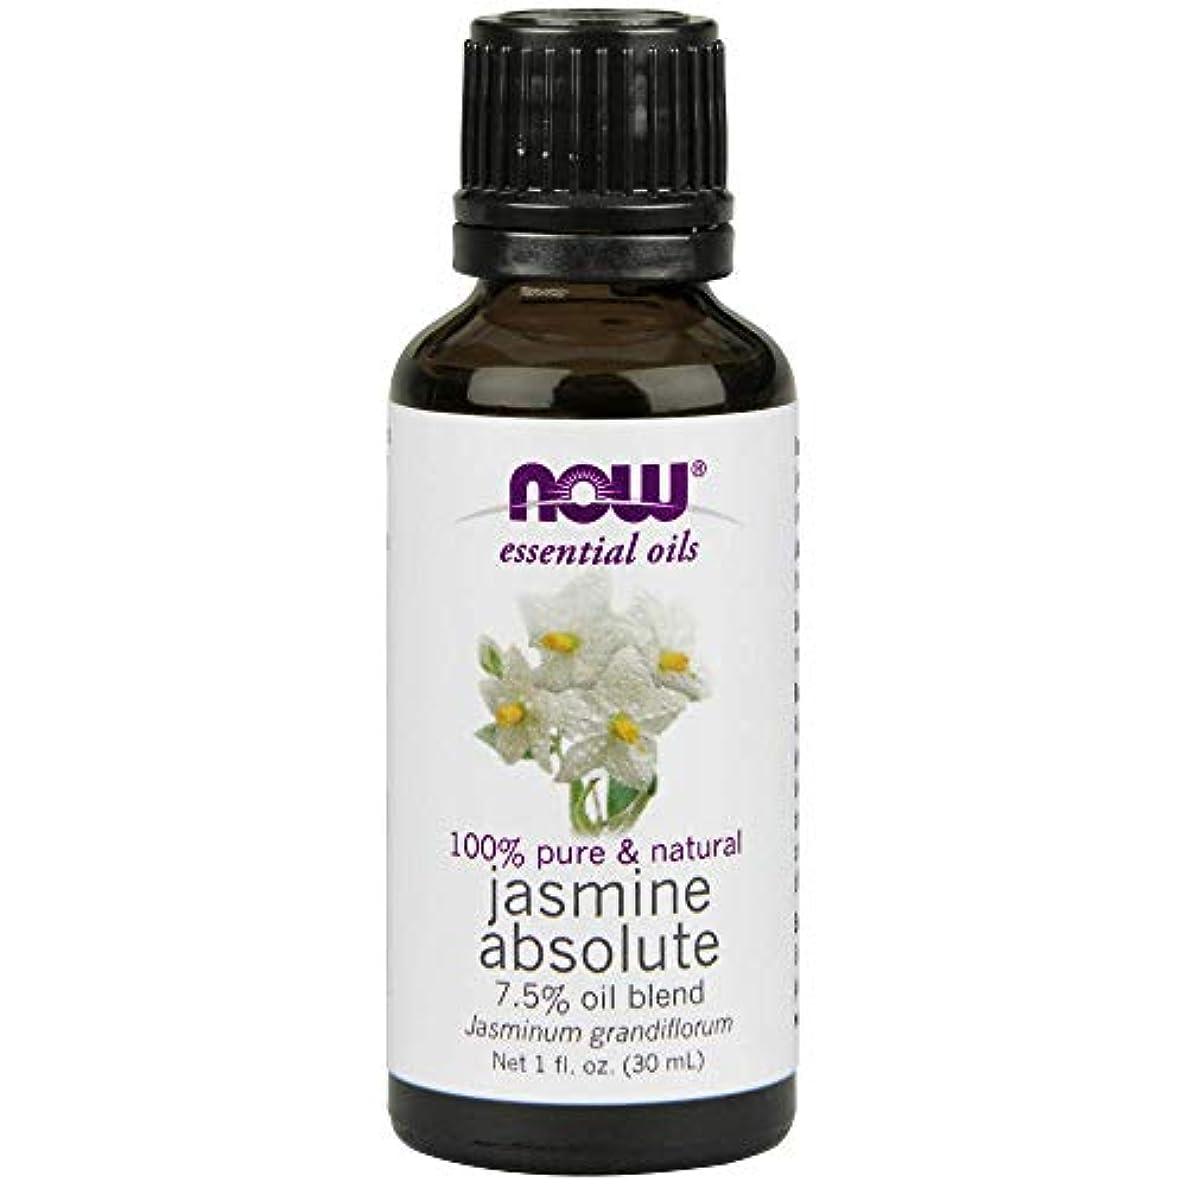 測る忘れられないご注意Now - Jasmine Absolute Oil 7.5% Oil Blend 1 oz (30 ml) [並行輸入品]